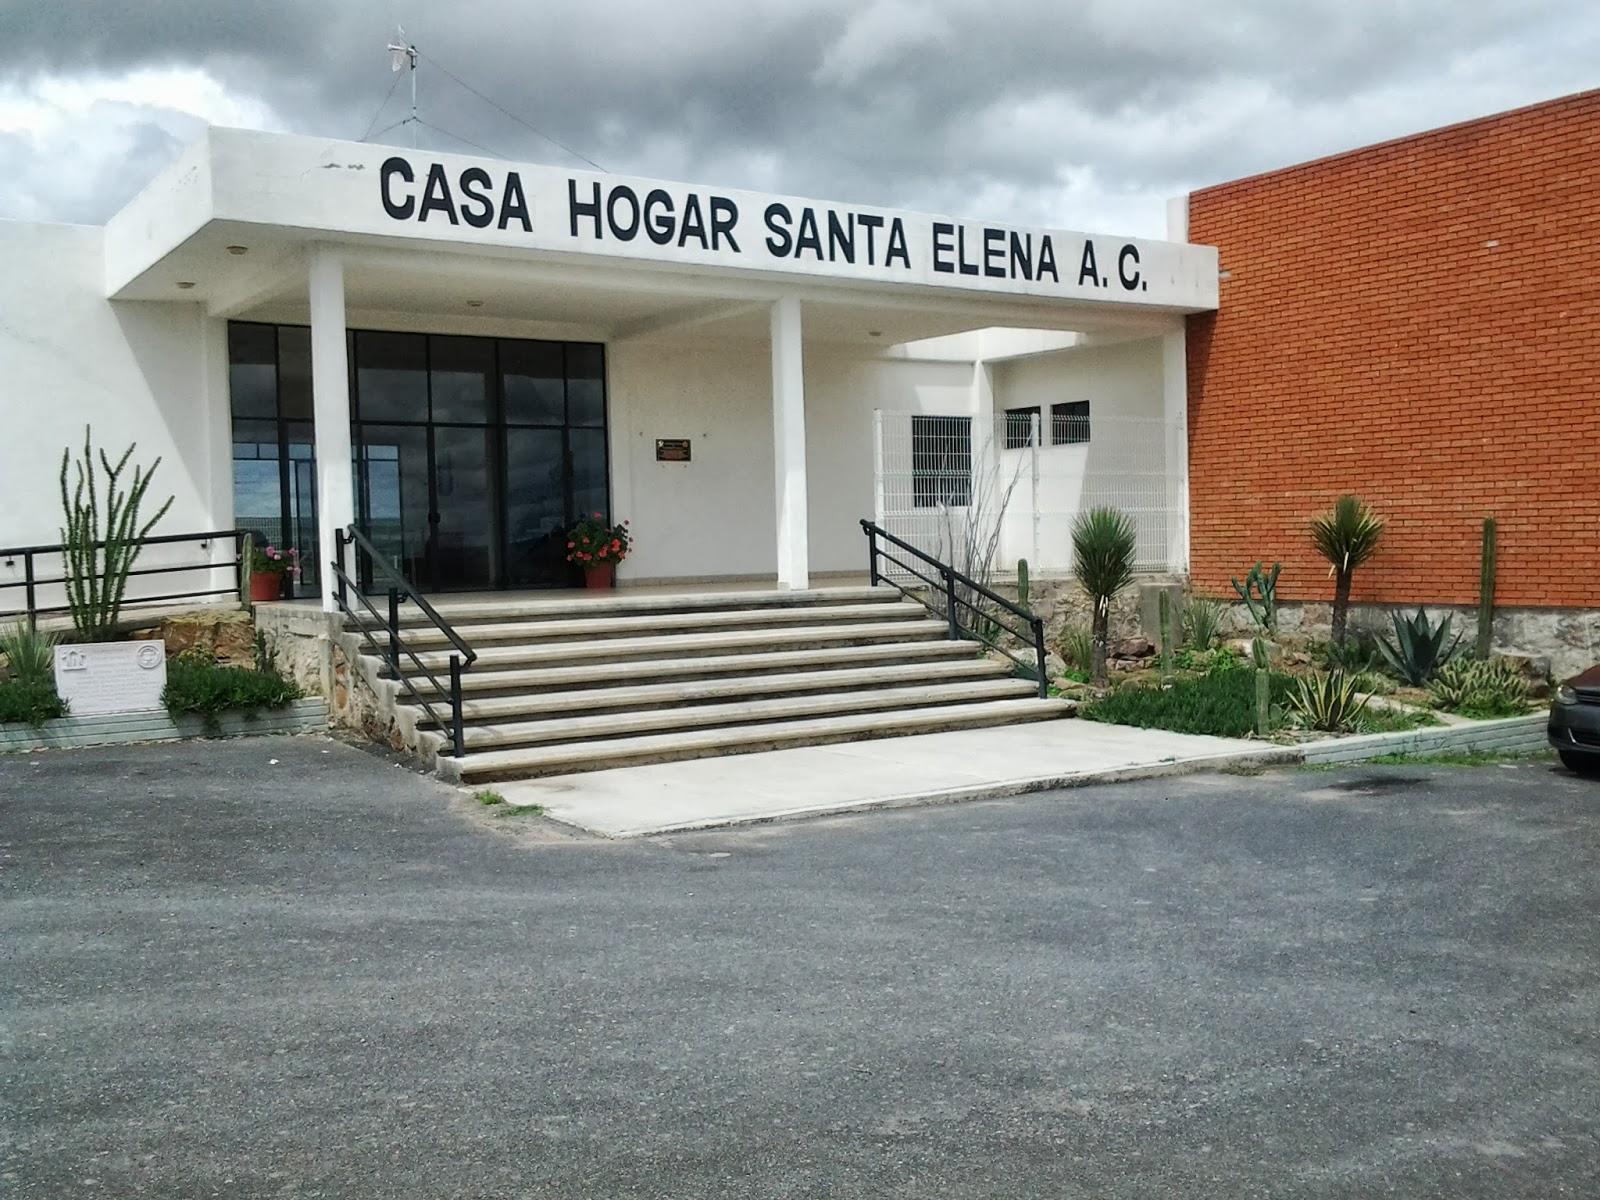 Casa hogar santa elena ac asilo de ancianos en rio grande zacatecas quienes somos about me - Casa para ancianos ...